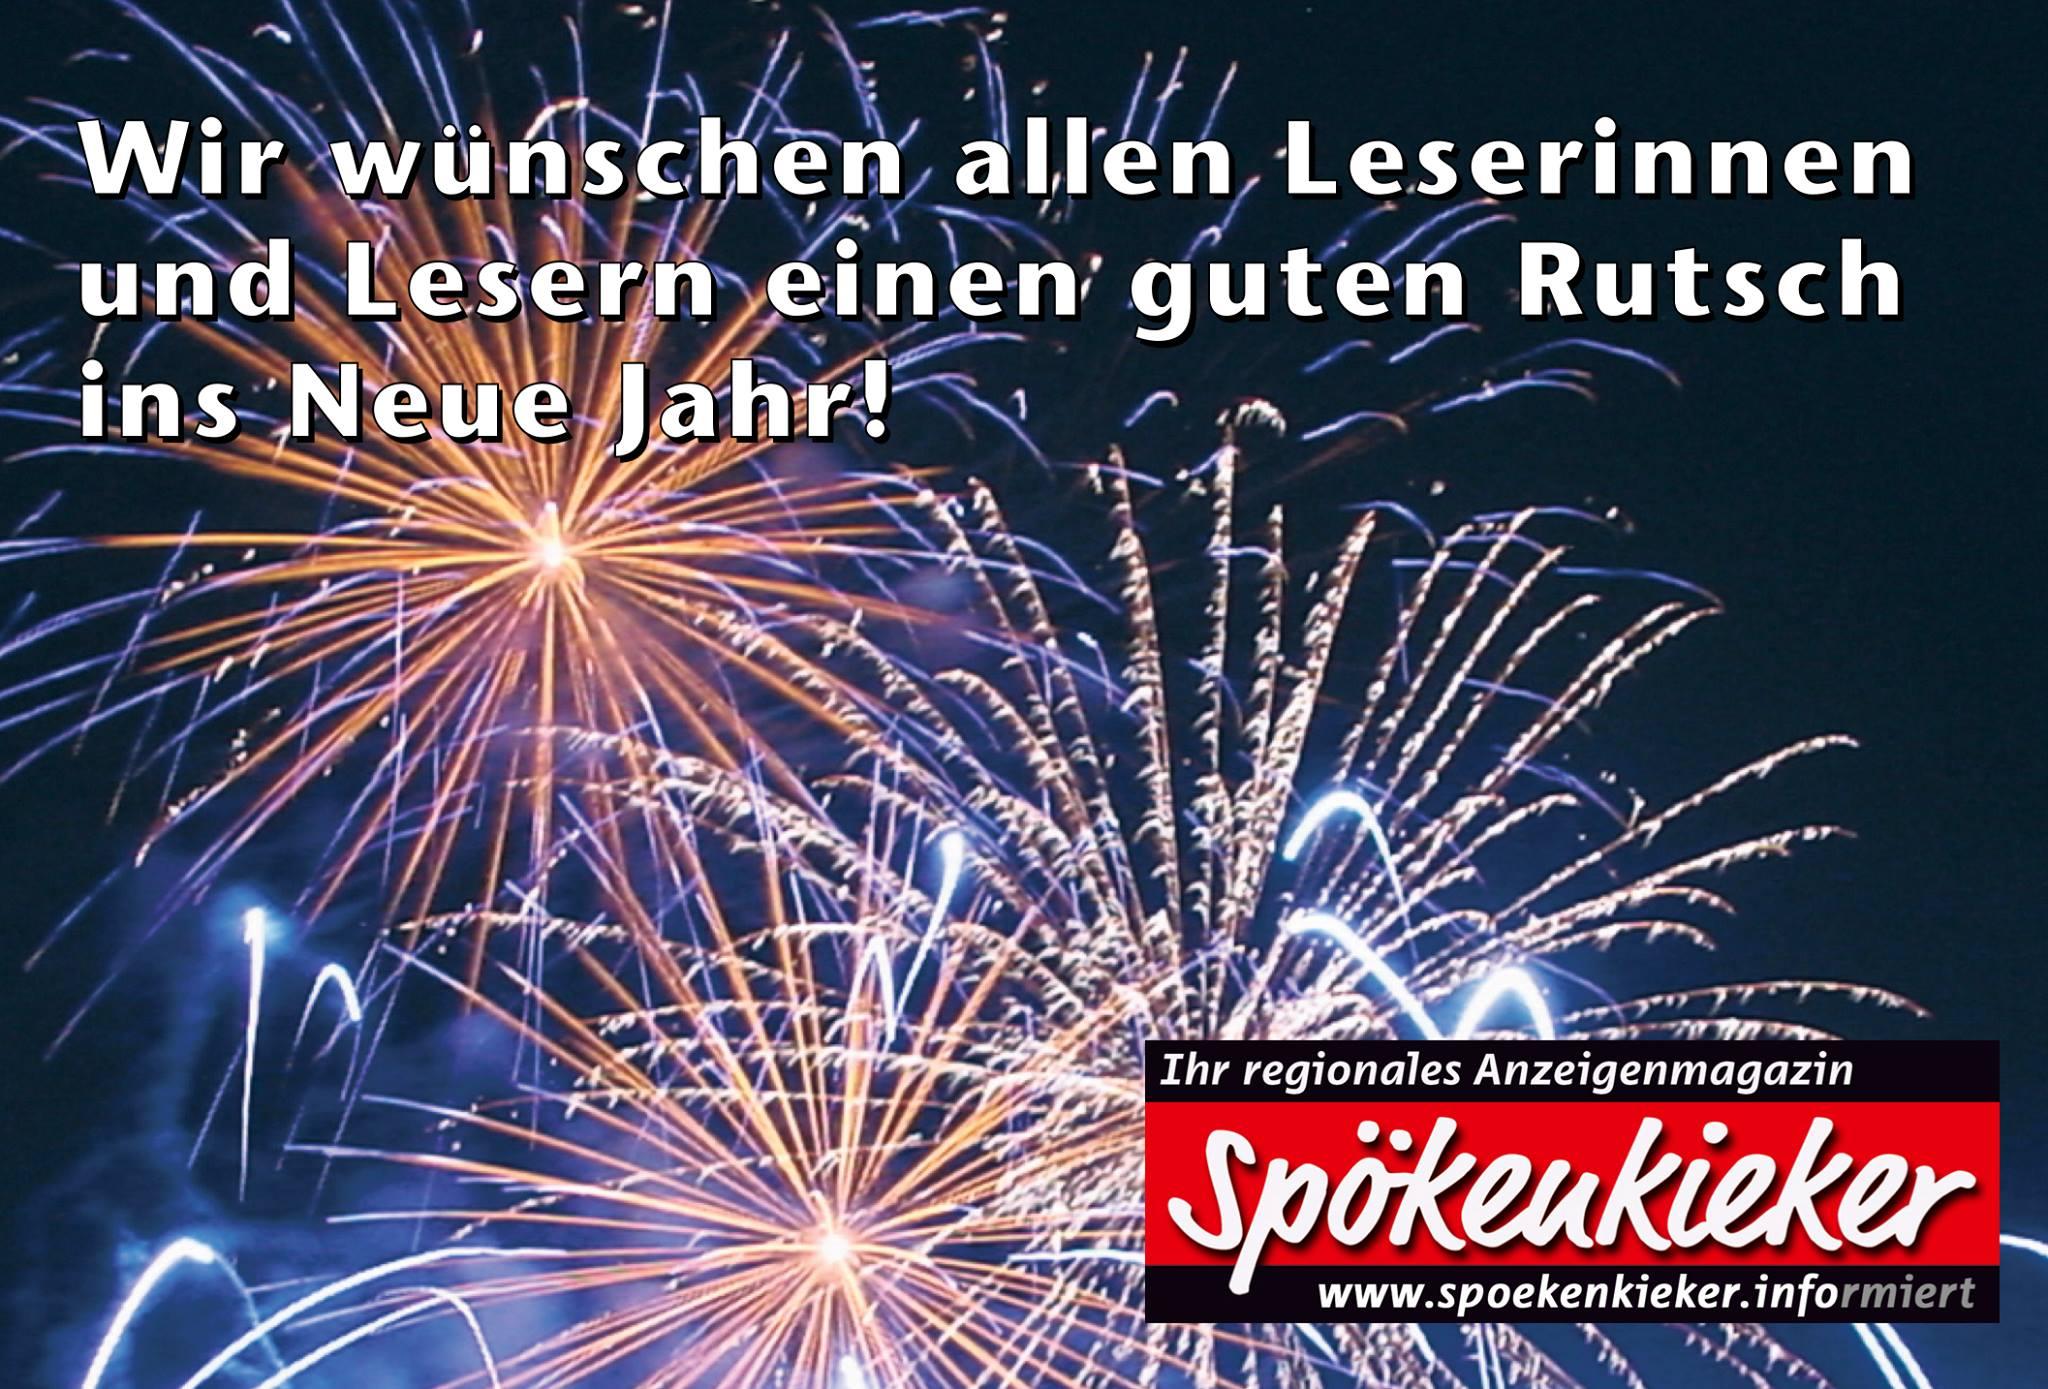 Wir wünschen einen guten Rutsch ins Neue Jahr! | Der Spökenkieker